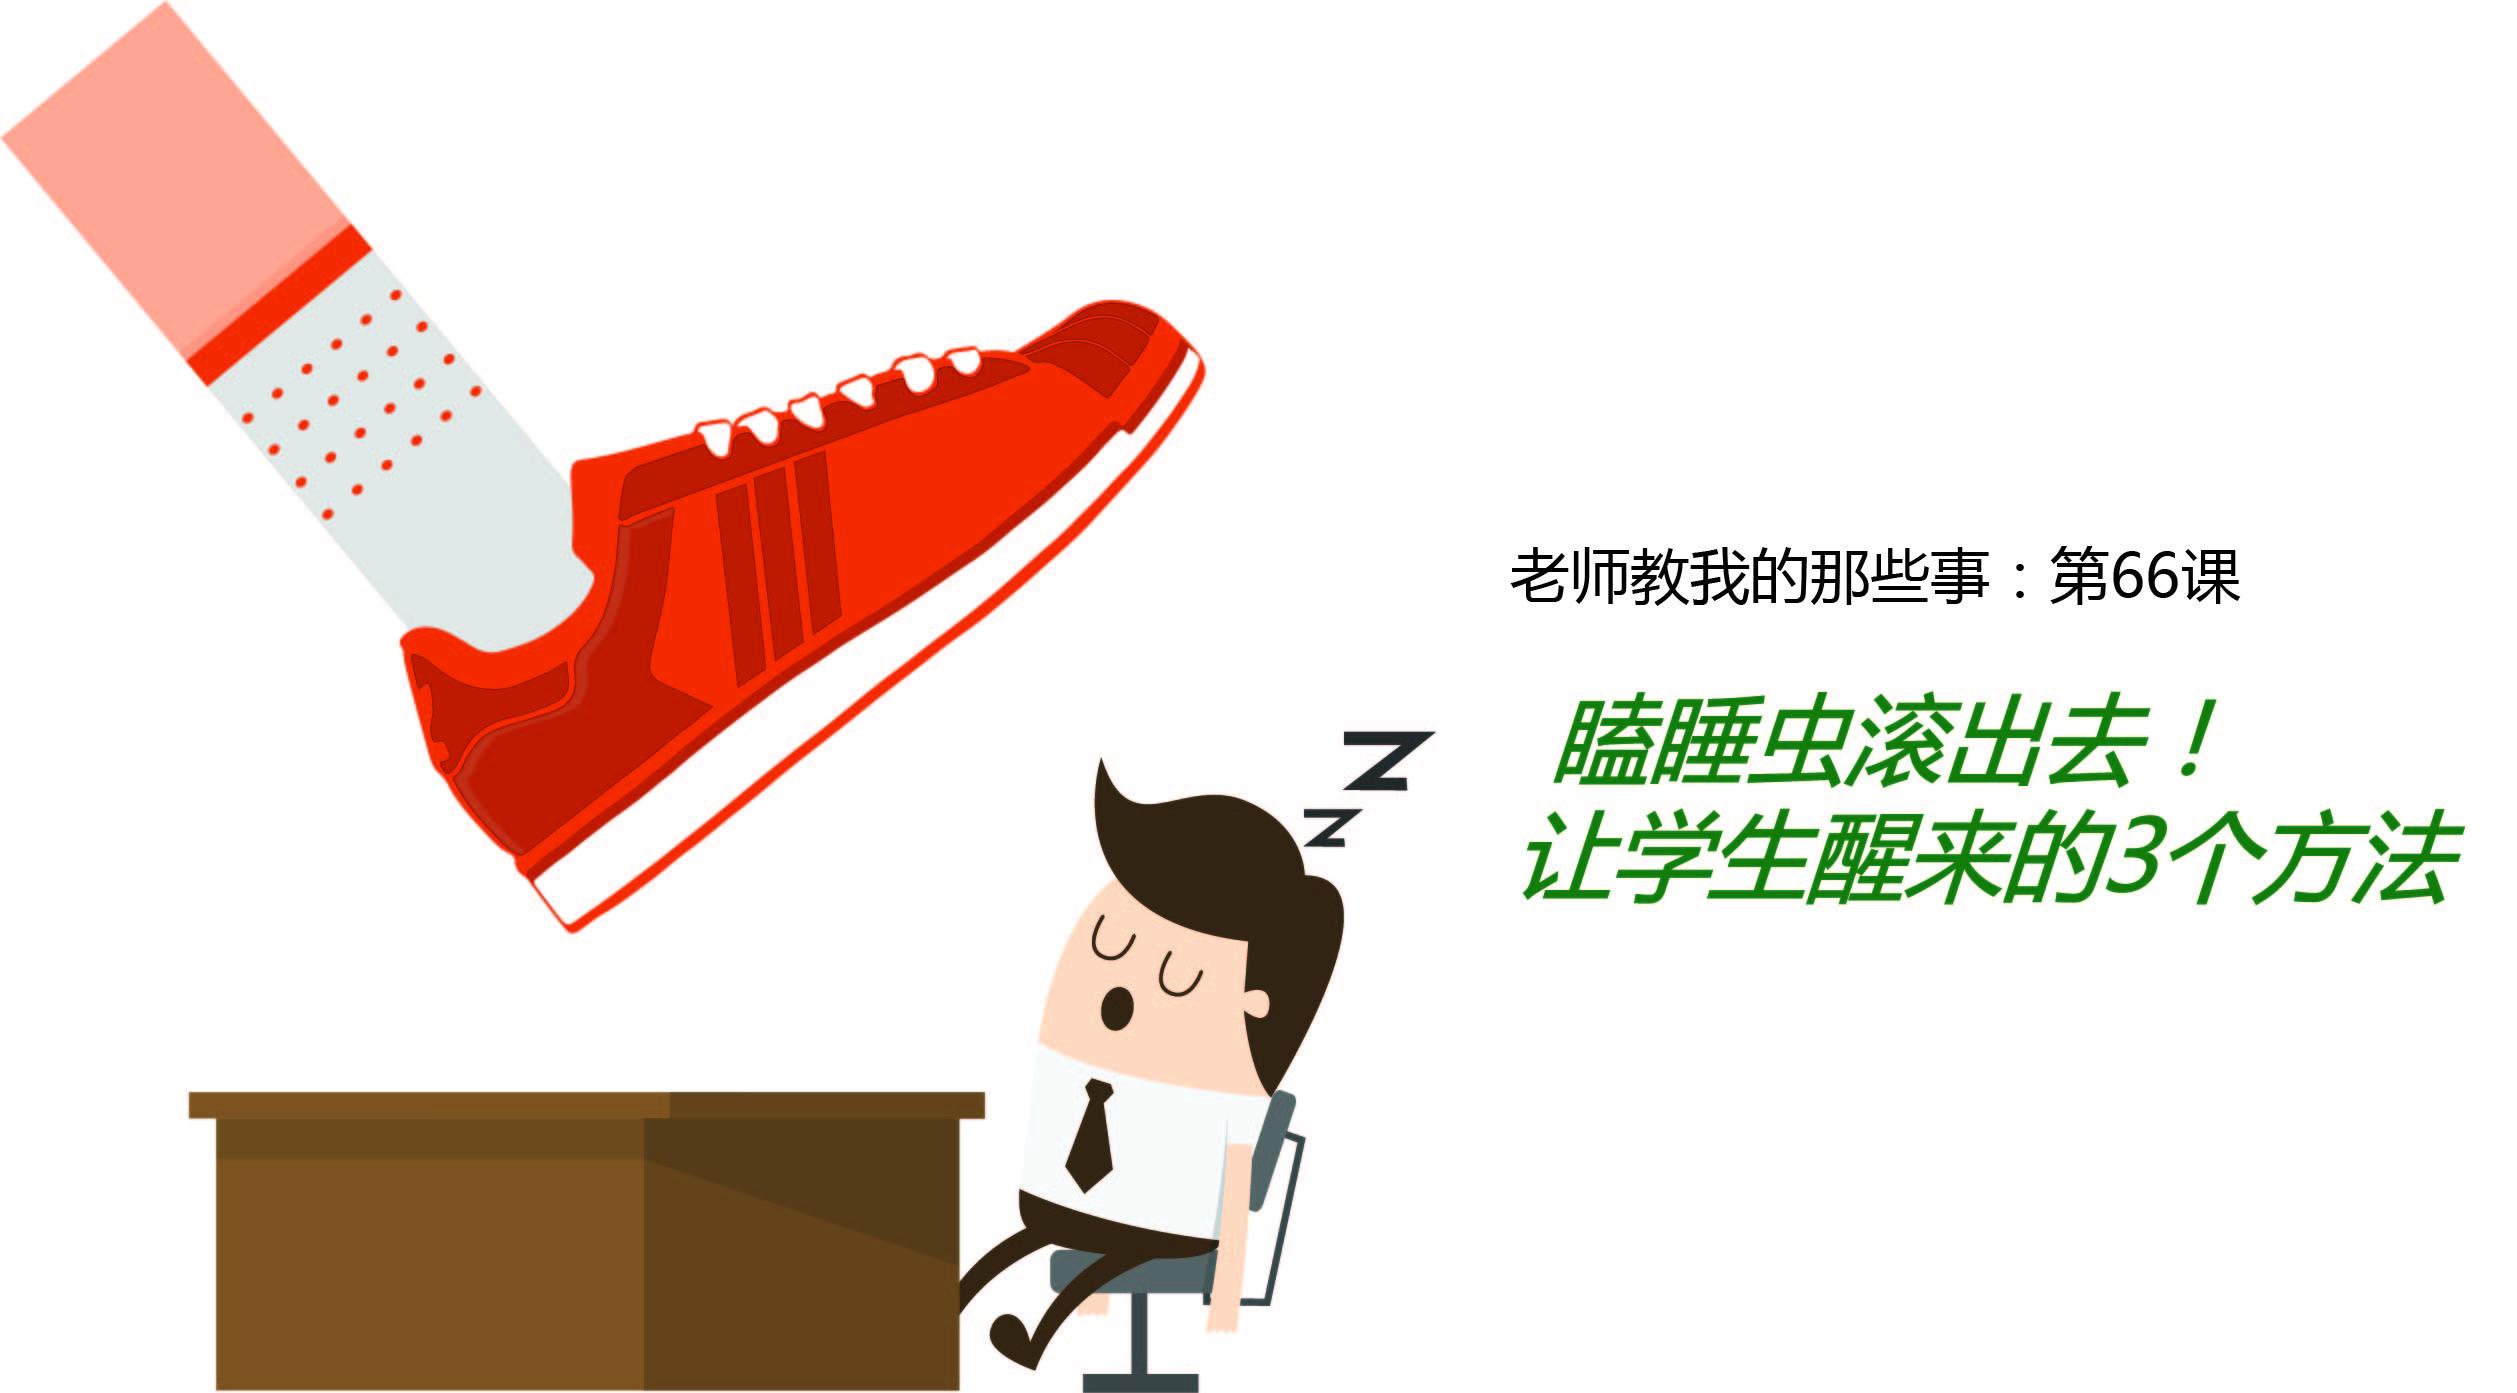 第66课:瞌睡虫滚出去!让学生醒来的3件事